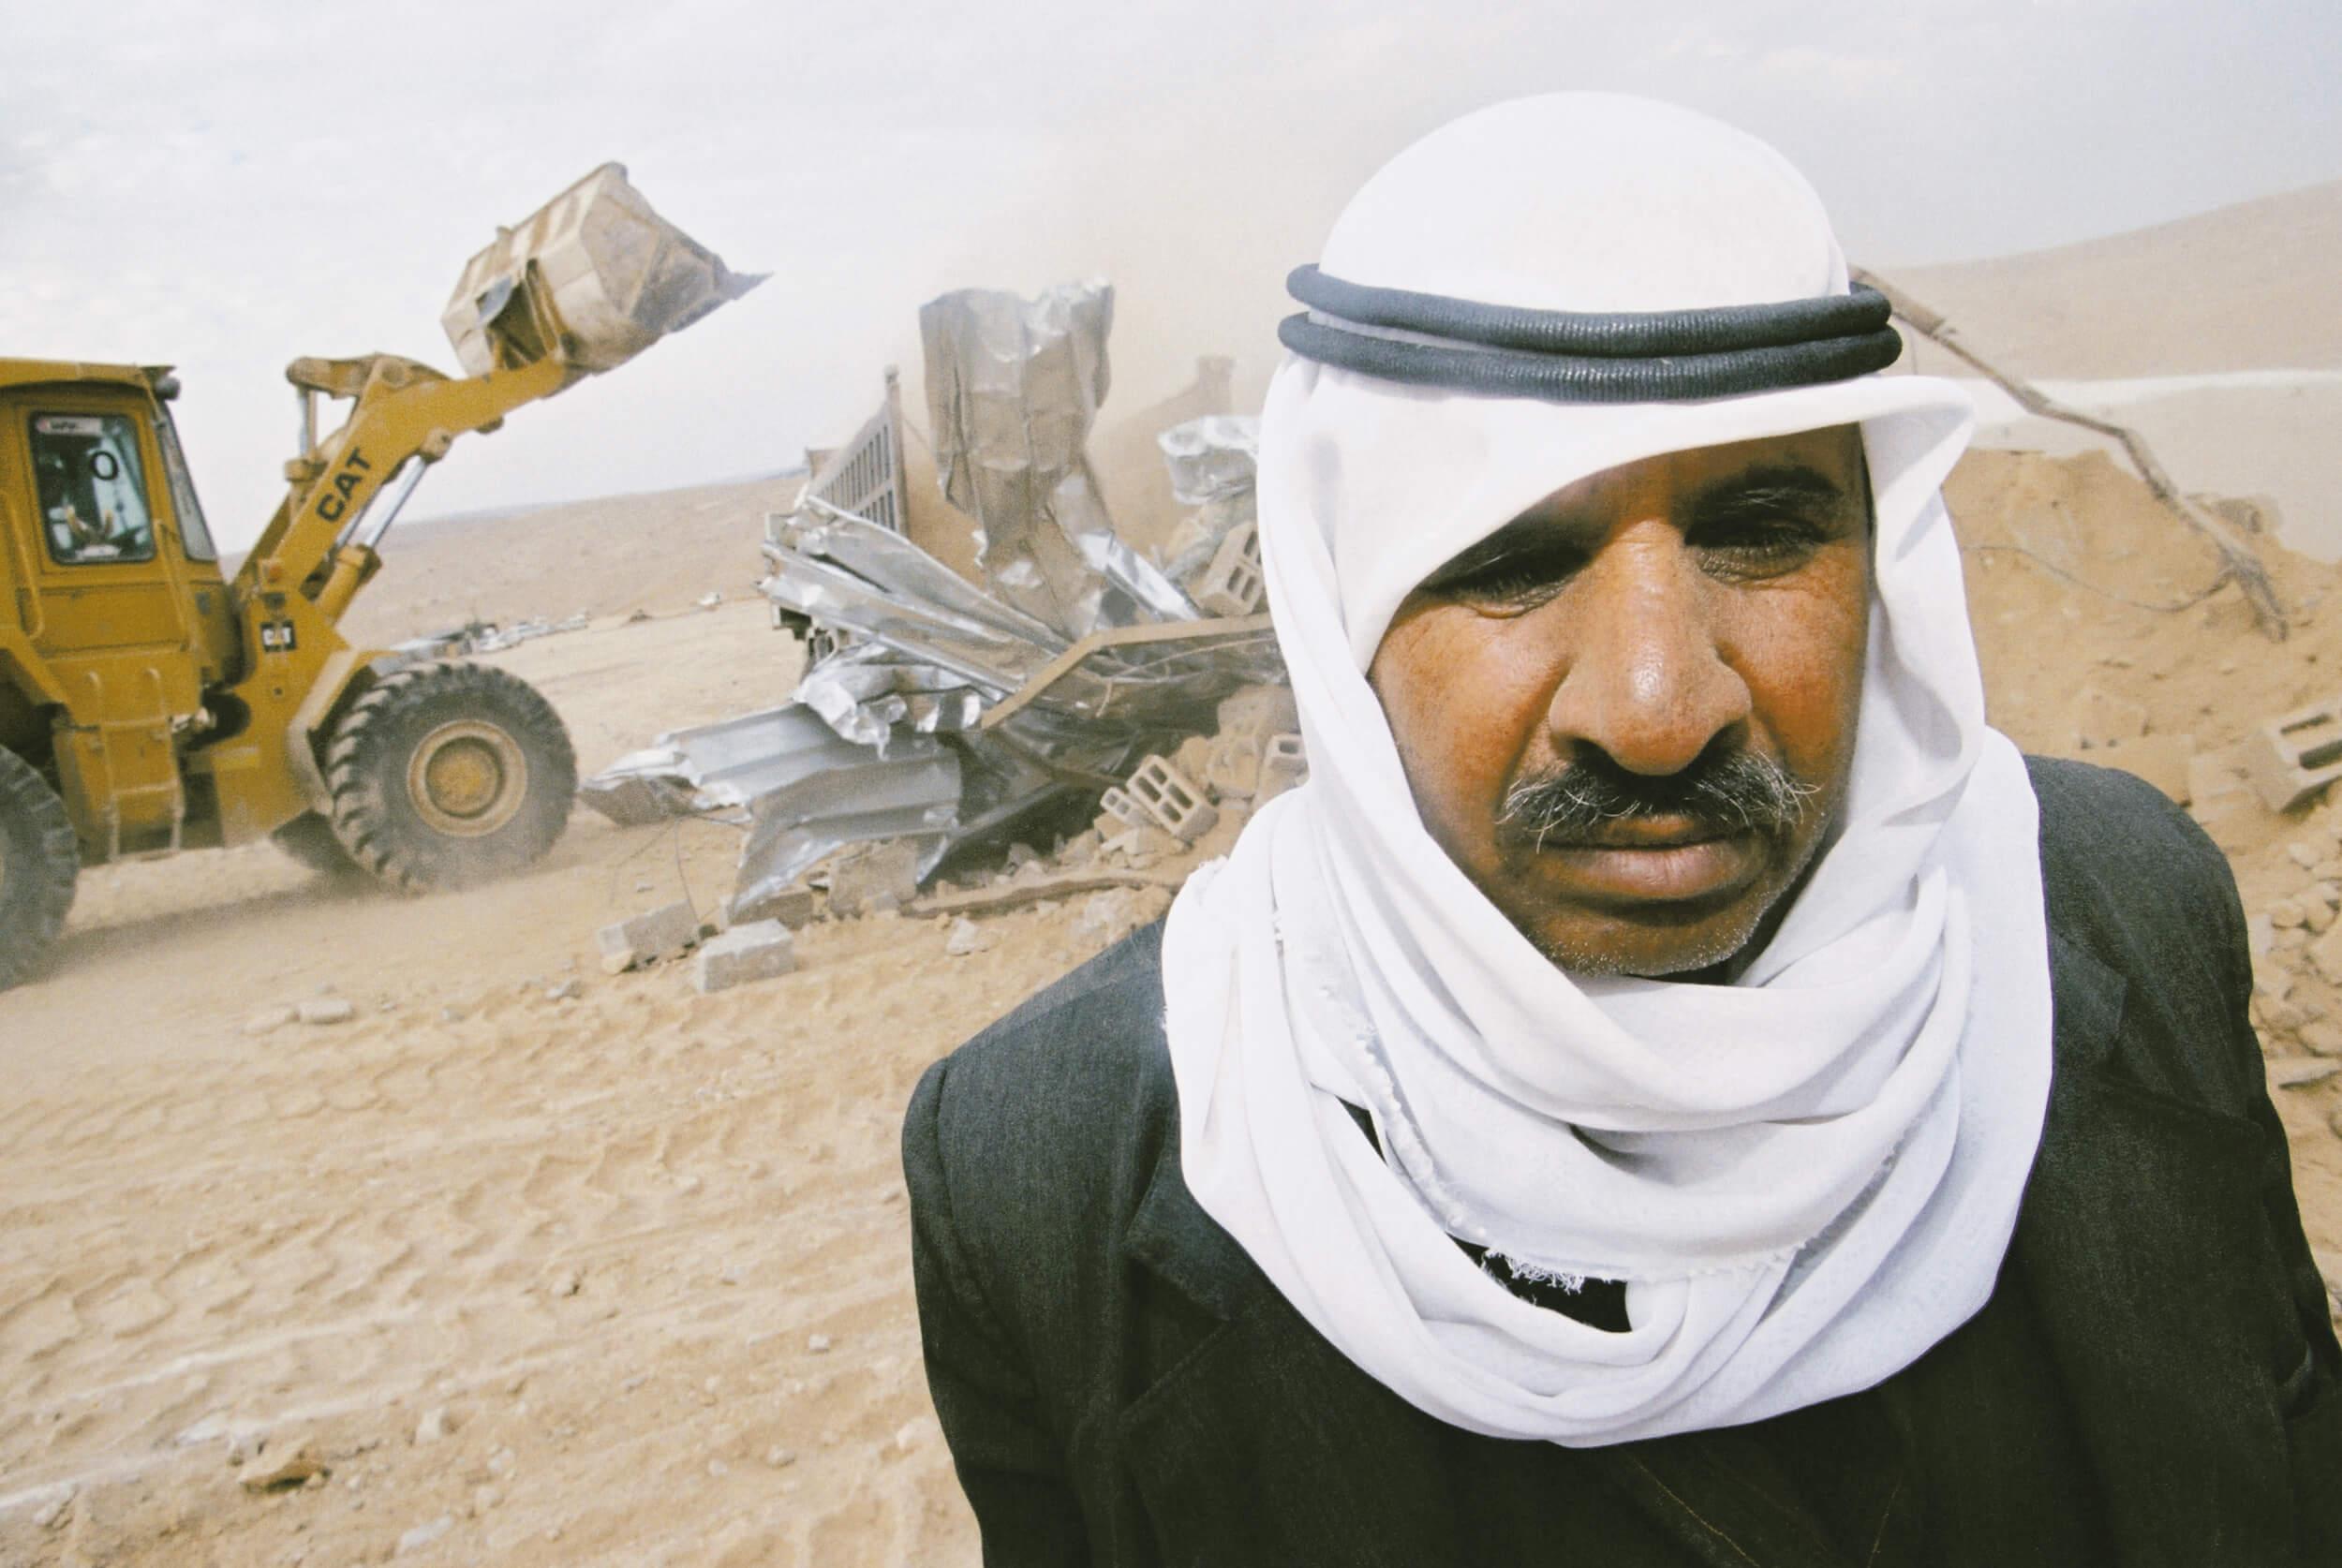 Israeli authorities demolish Bedouin's house.